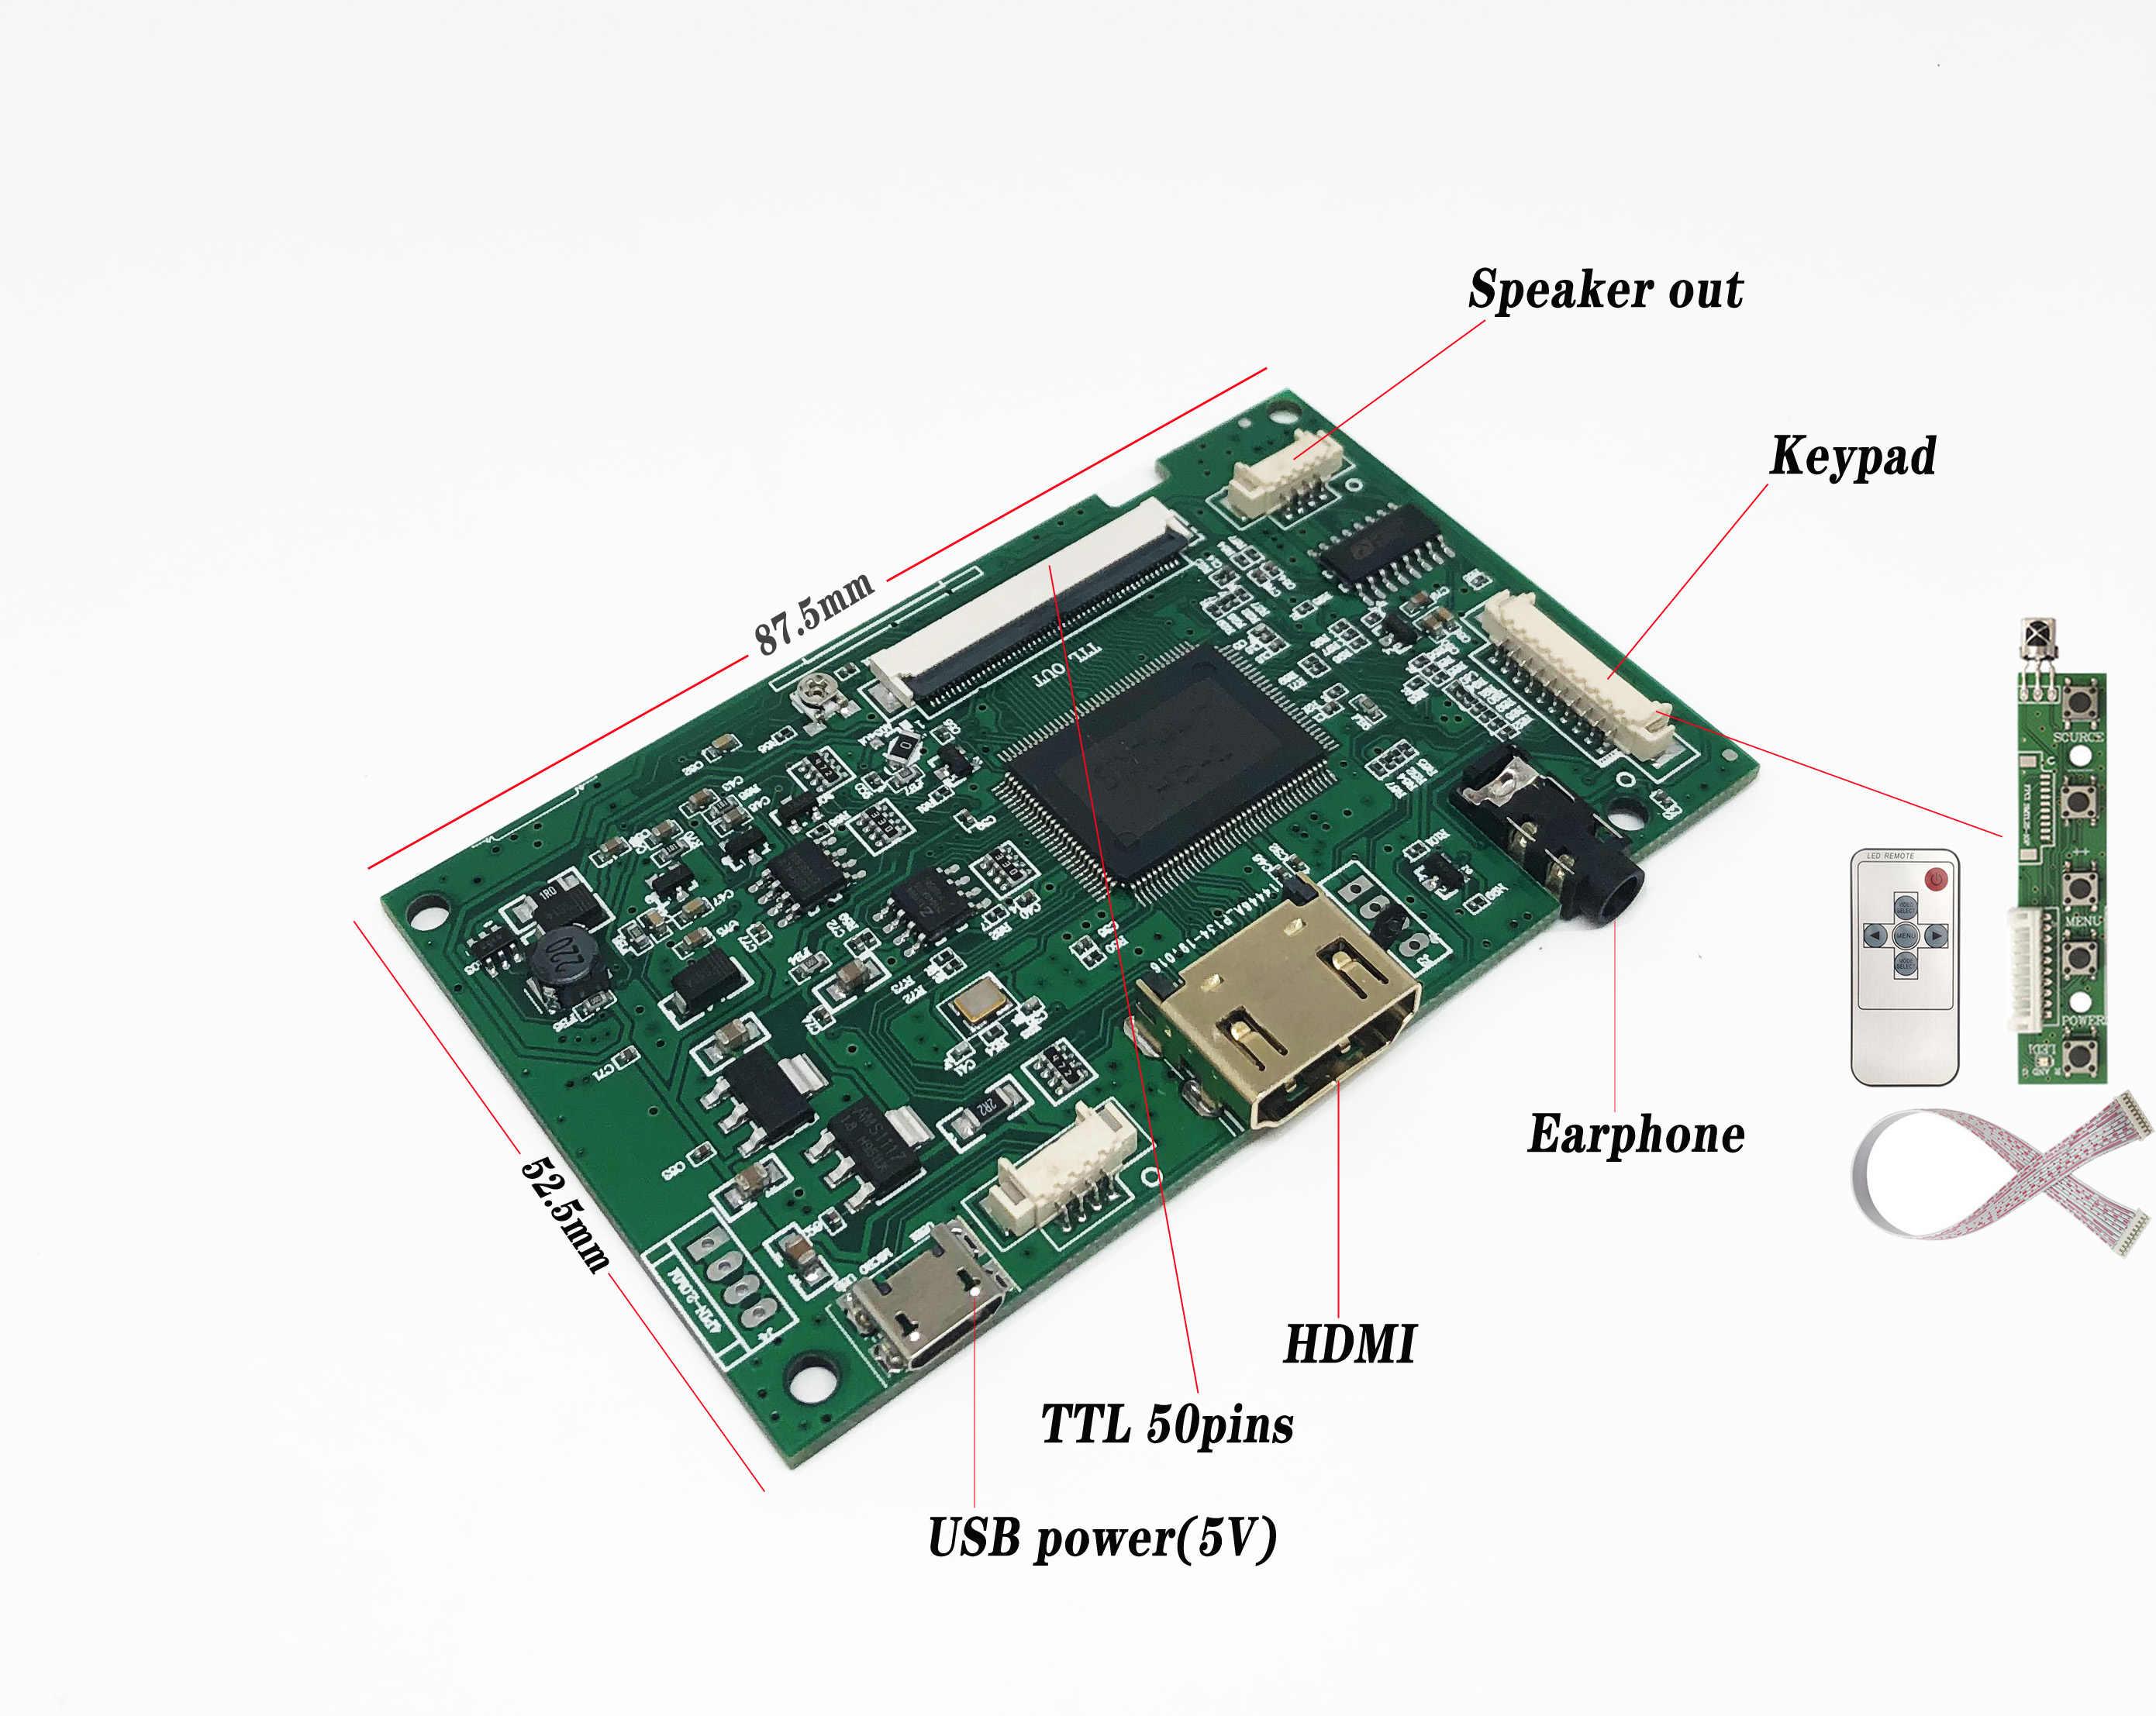 لوحة للقيادة LCD جهاز تحكم بالشاشة HDMI ل Innolux AT070TN90 AT090TN10 AT070TN93 AT080TN52 المصغّر USB 50 دبابيس مع GT911 اللمس